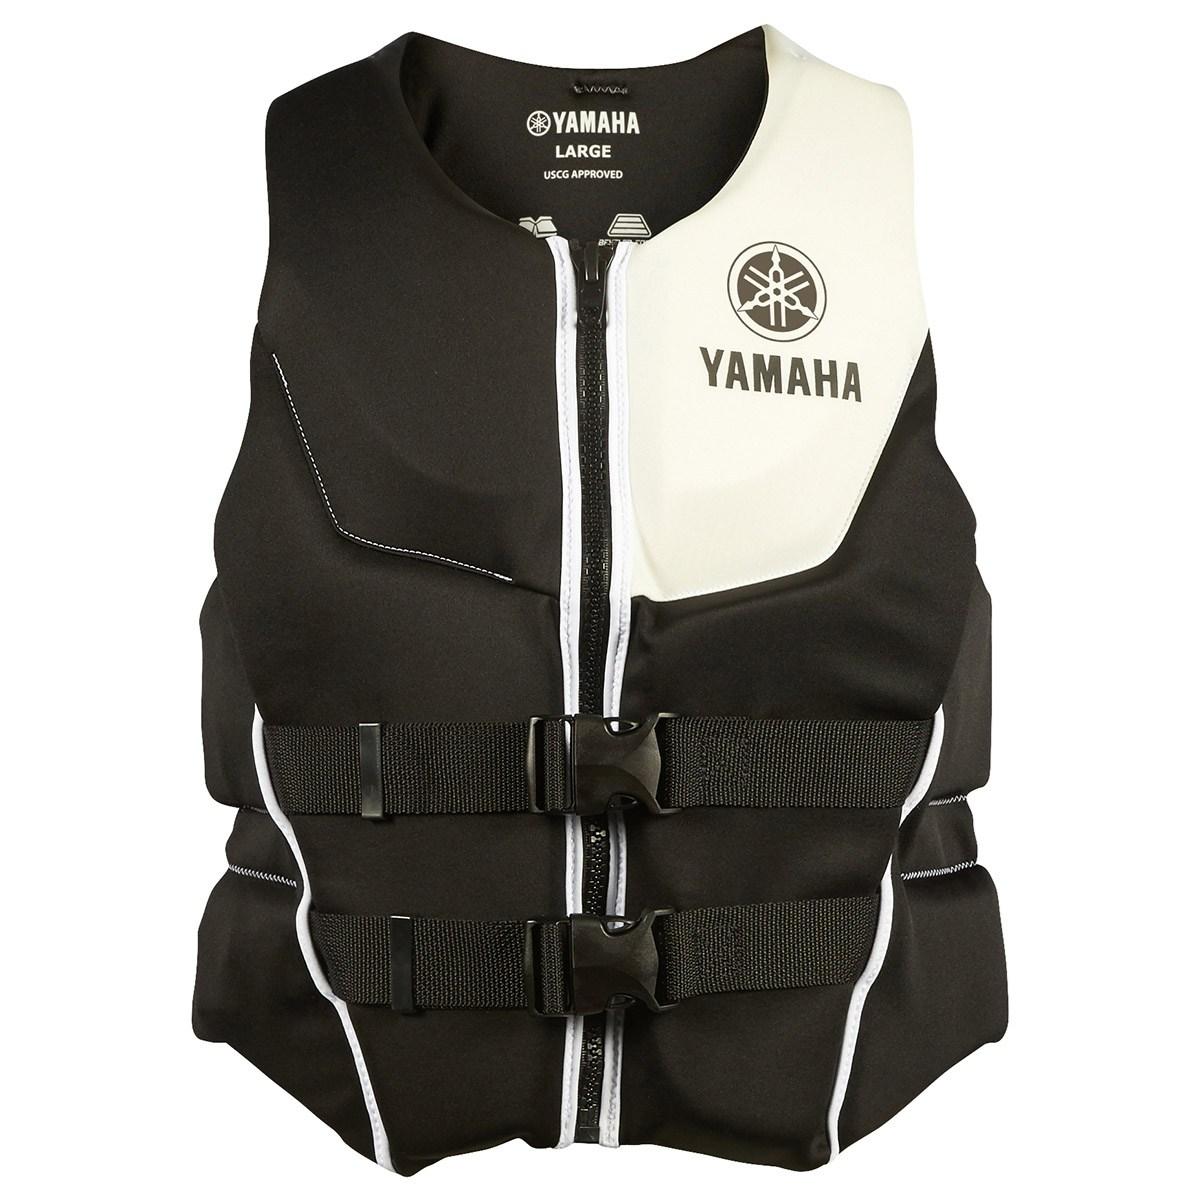 Oem Yamaha Men S Neoprene 2 Buckle Pfd Life Jacket Vest Ebay